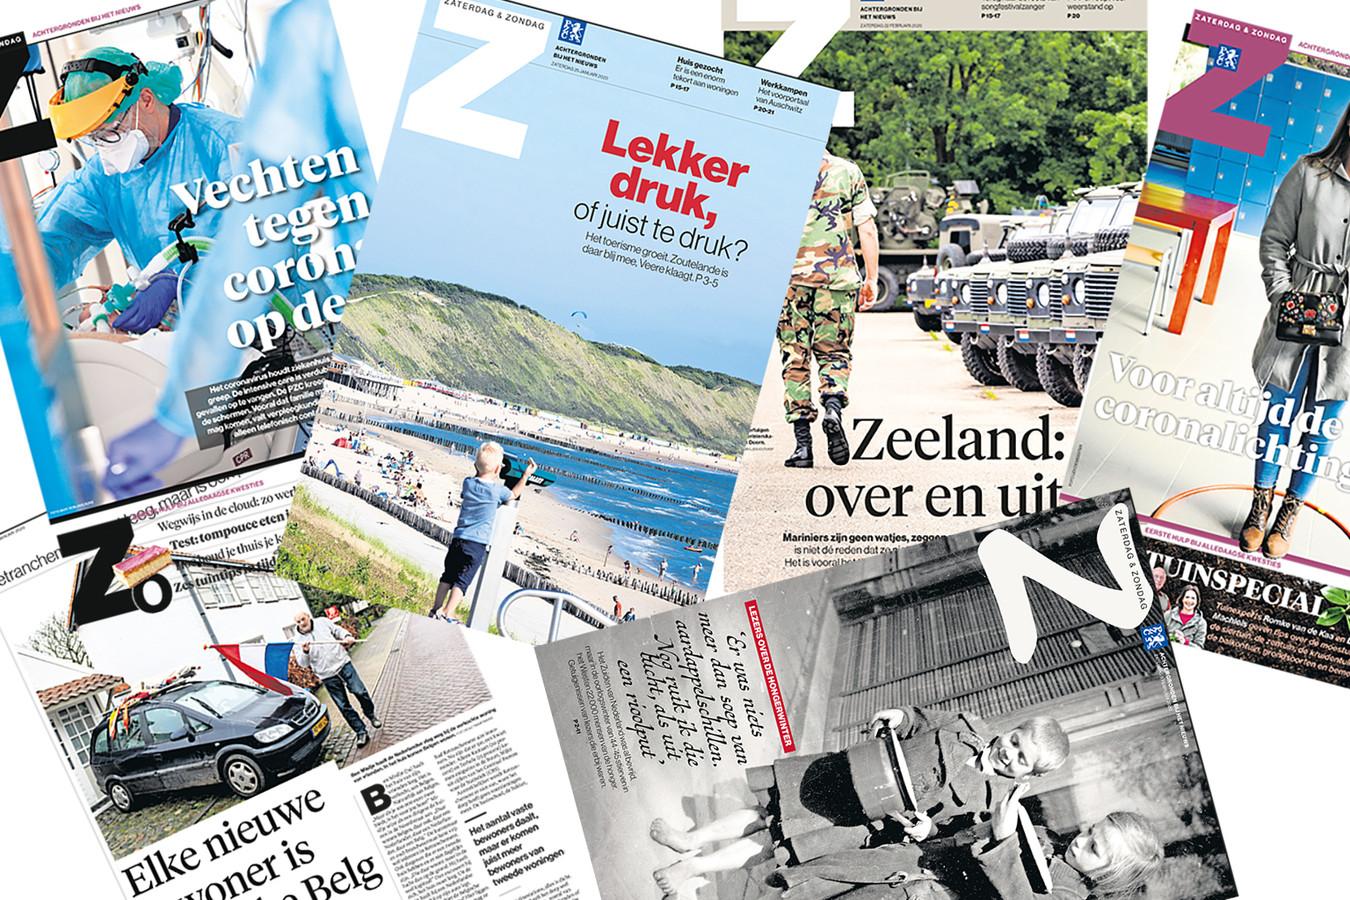 In de zaterdag-bijlage Z verschijnen de verhalen waar de redactie extra tijd en aandacht aan heeft kunnen besteden.